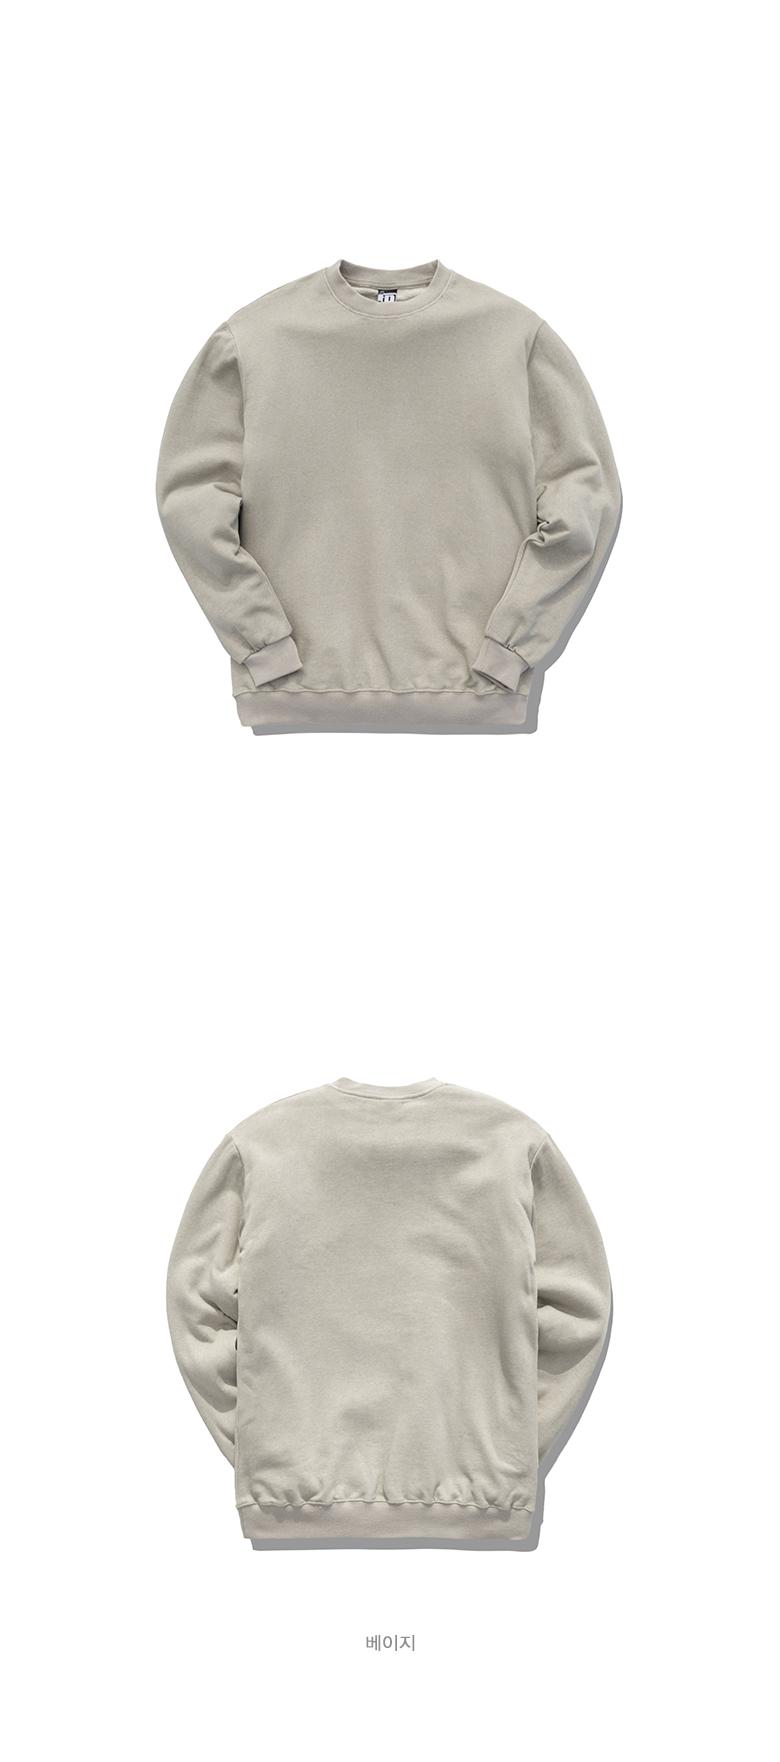 20180912_fp_pigment_sweatshirt_beige_uk_01.jpg